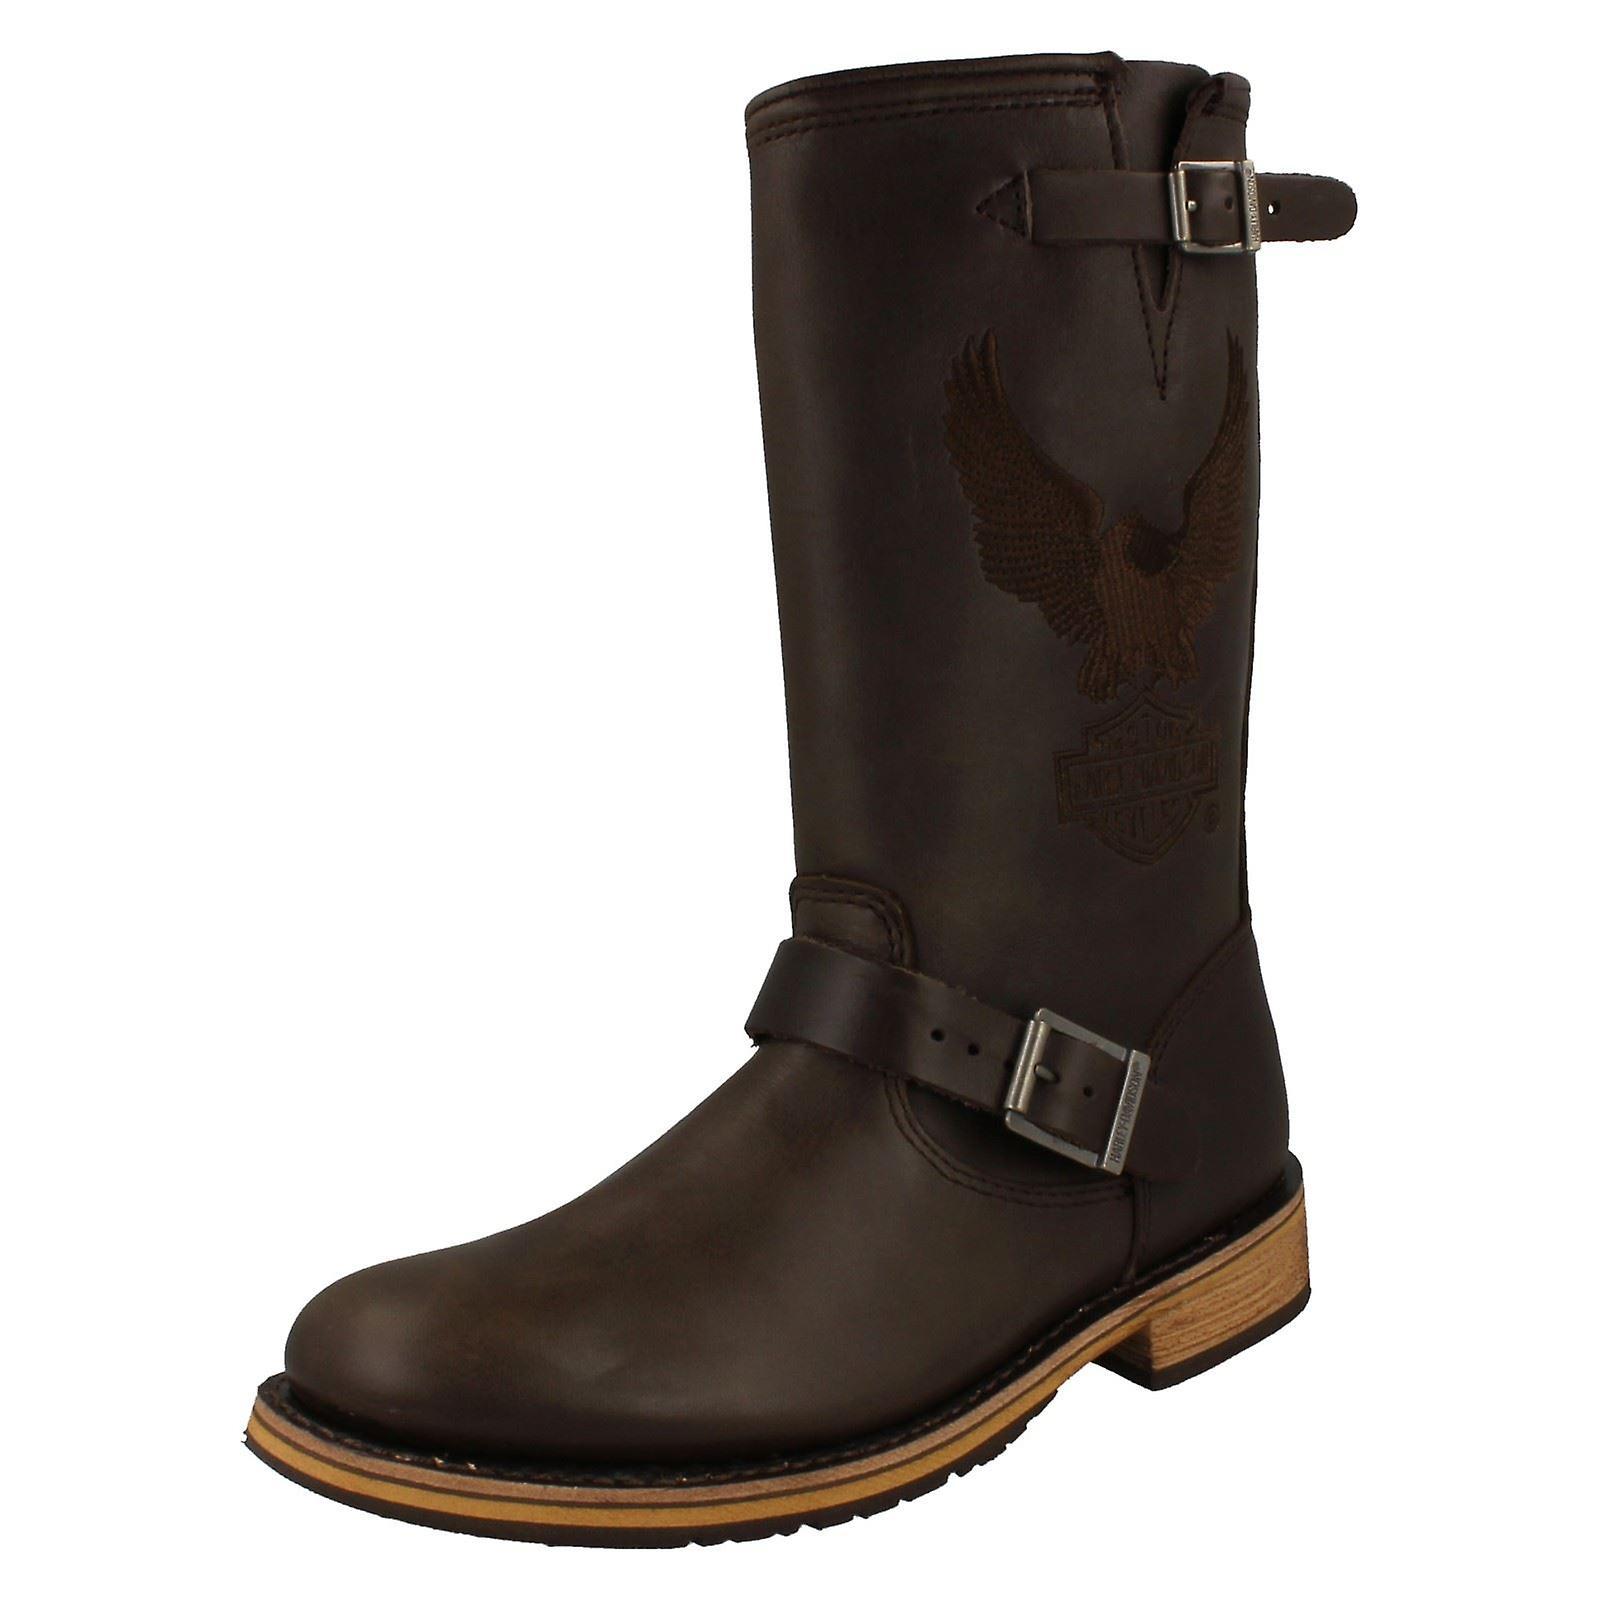 Jagtstøvler | Køb Jagt Gummistøvler Online | Hurtig levering